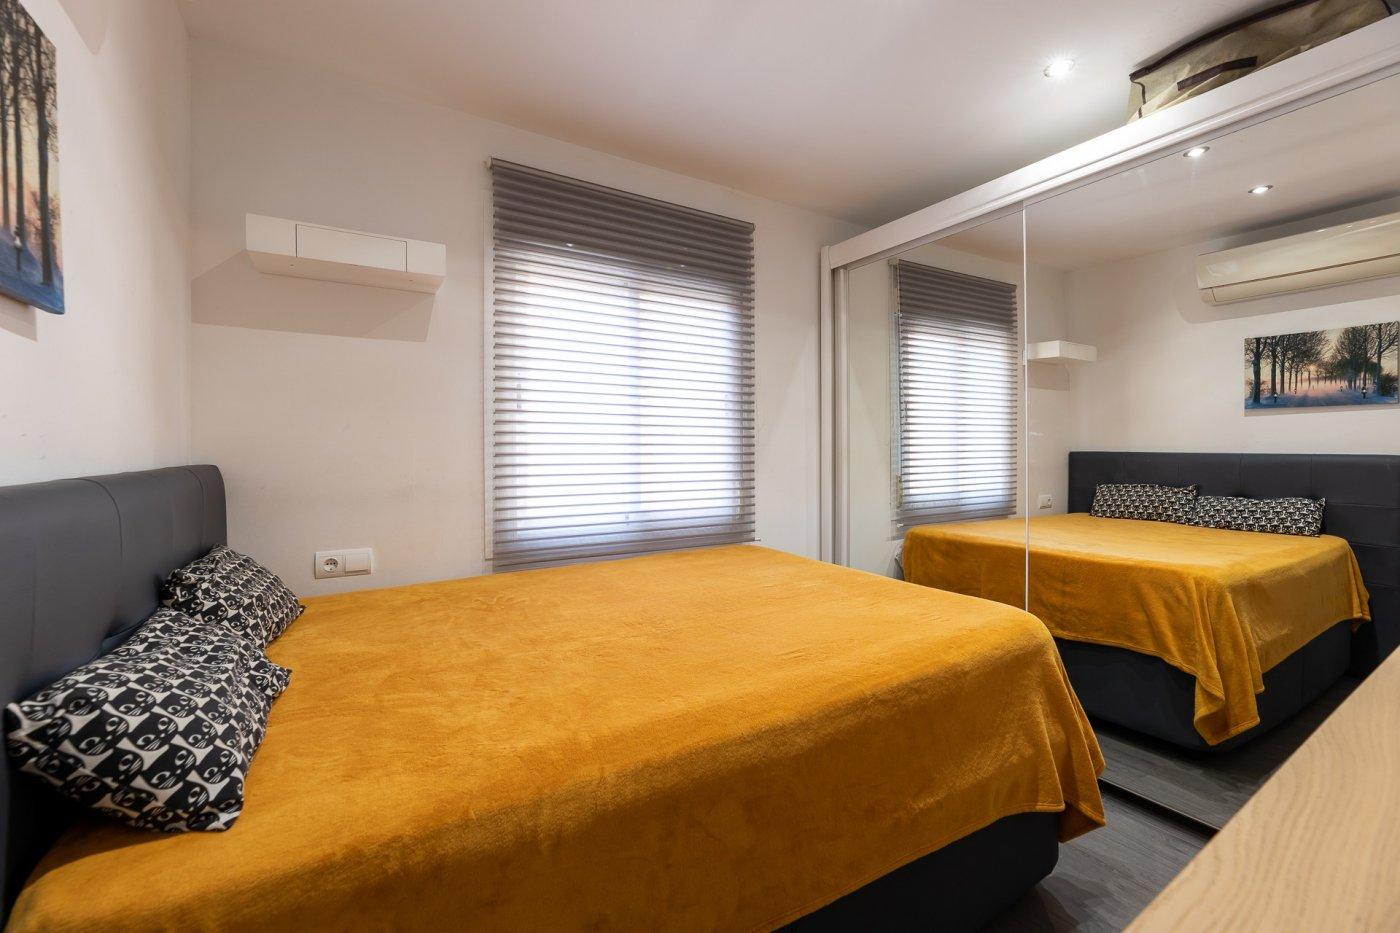 Precioso piso reformado en zona paseo marítimo - imagenInmueble9